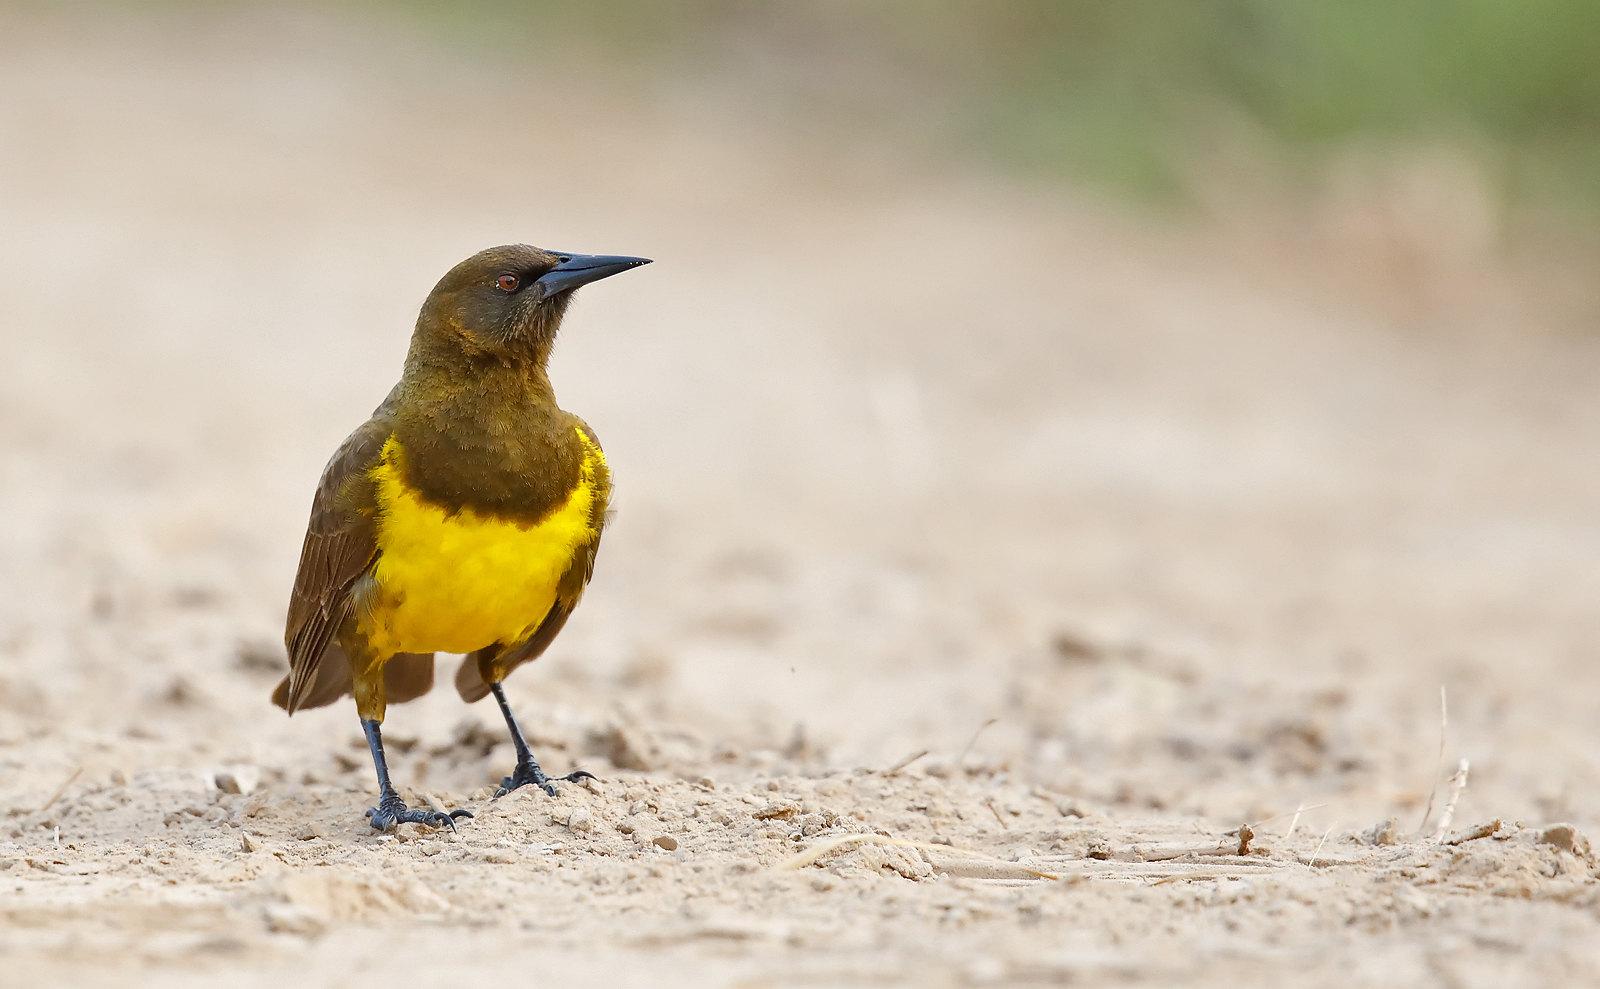 Brown and Yellow Marshbird